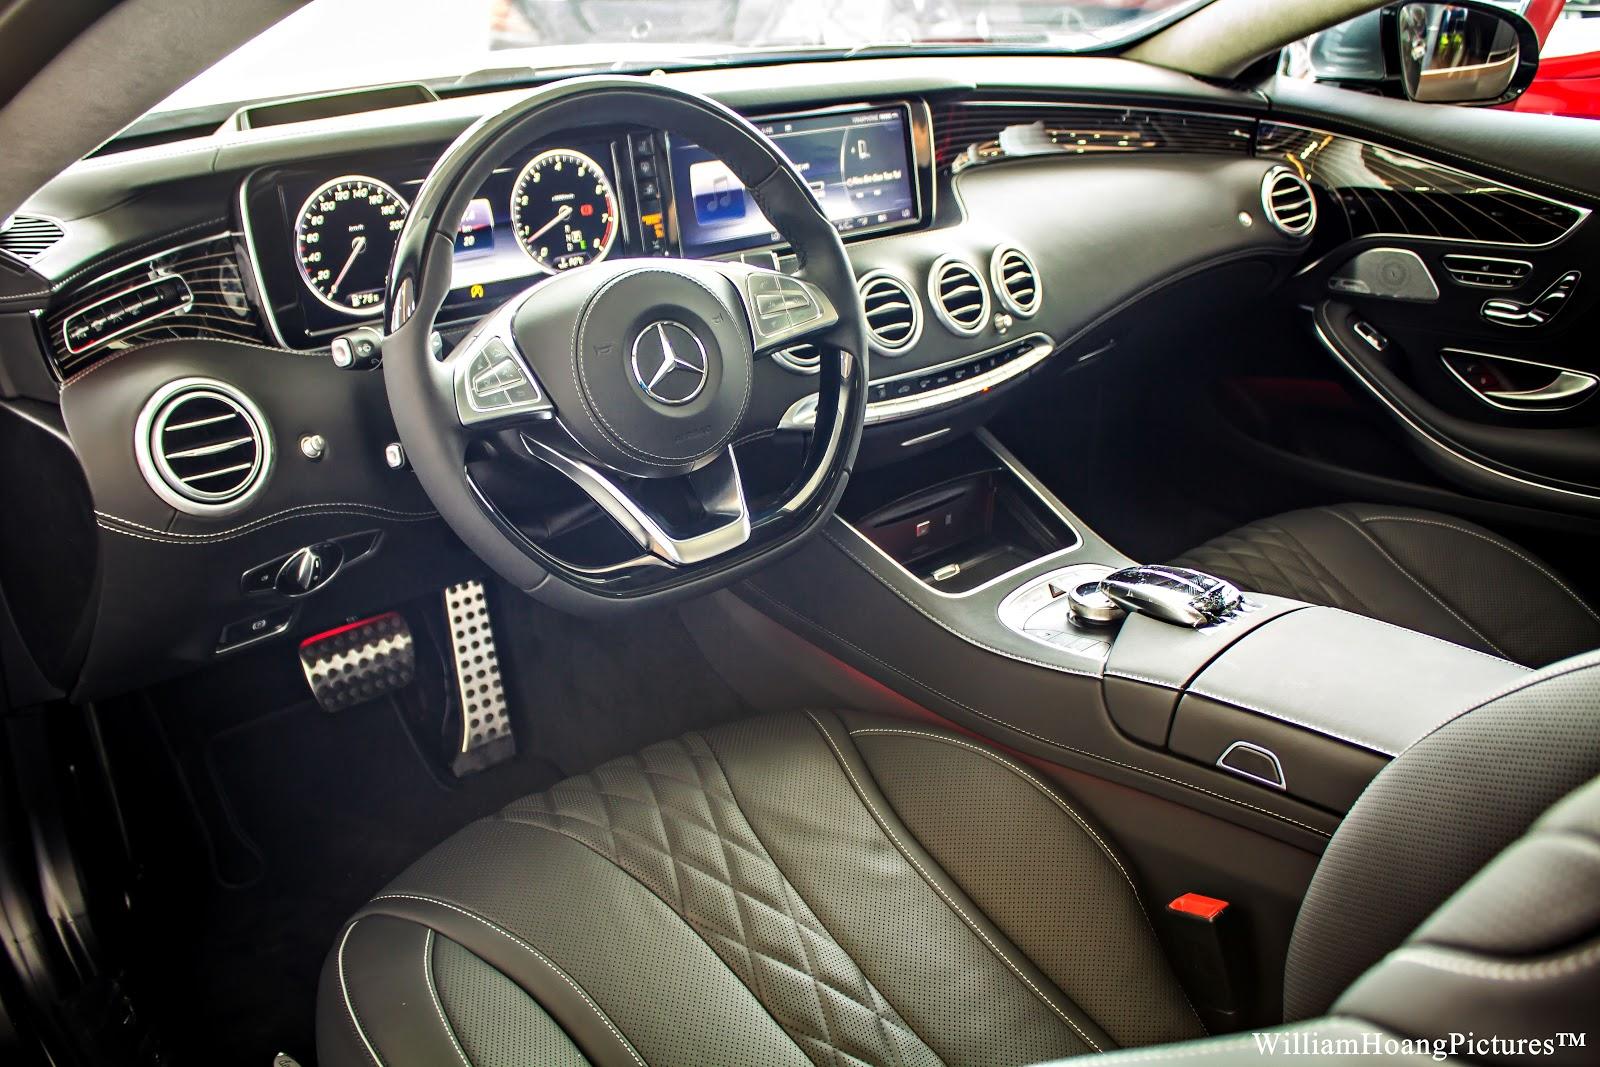 Nếu ngồi vào chiếc coupe S500 này, chắc chắn bạn không muốn ra nữa